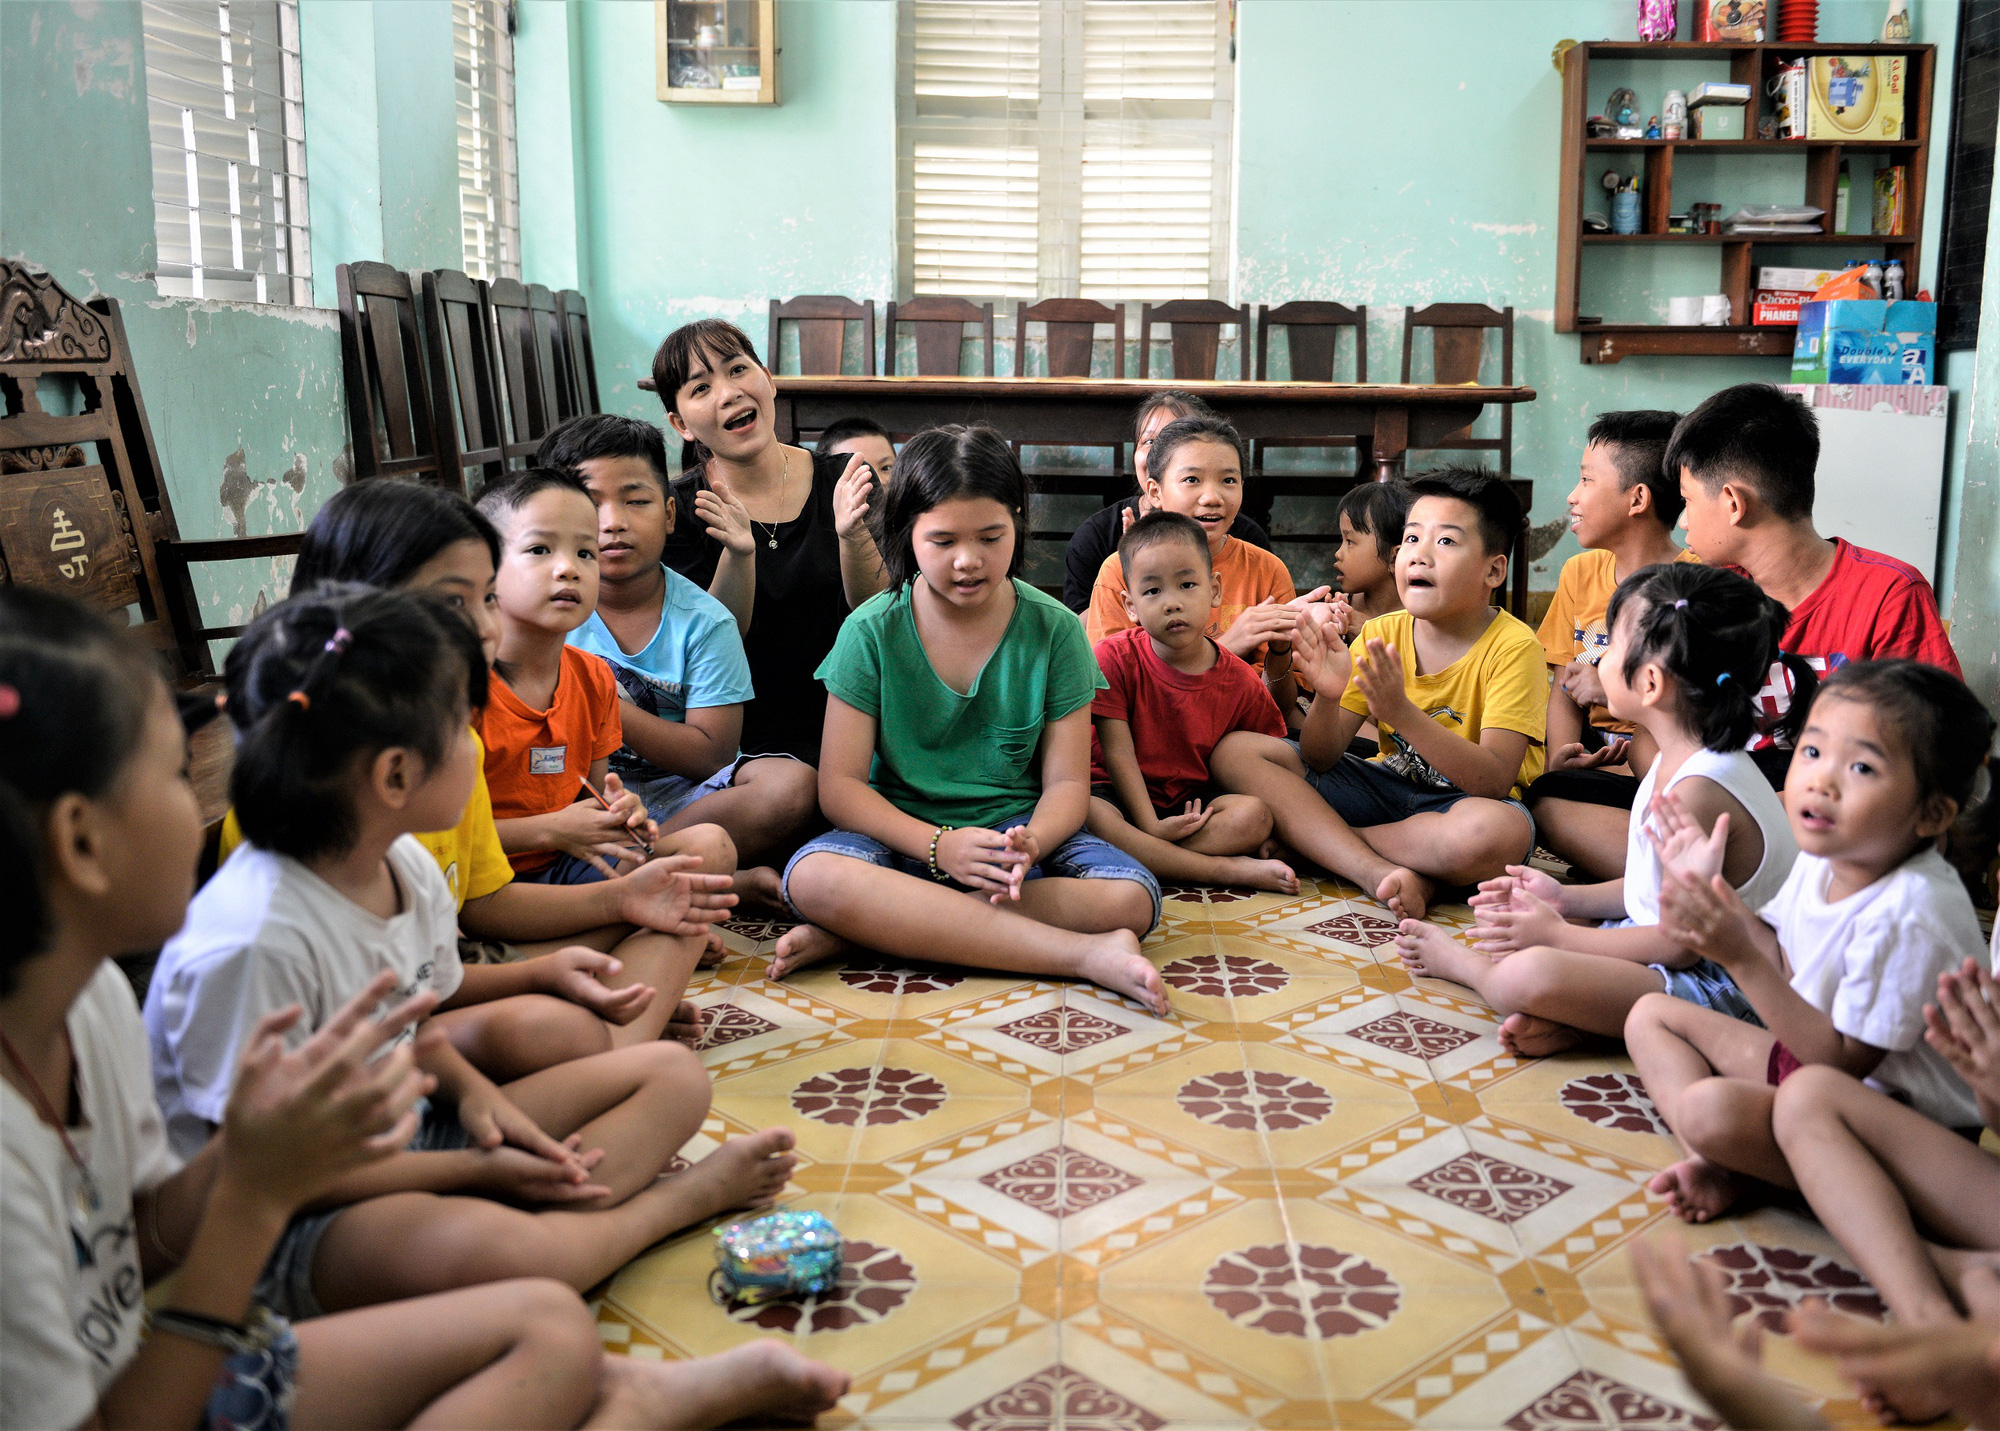 Quỹ sữa Vươn cao Việt Nam đến với trẻ khó khăn TP.HCM - Ảnh 8.